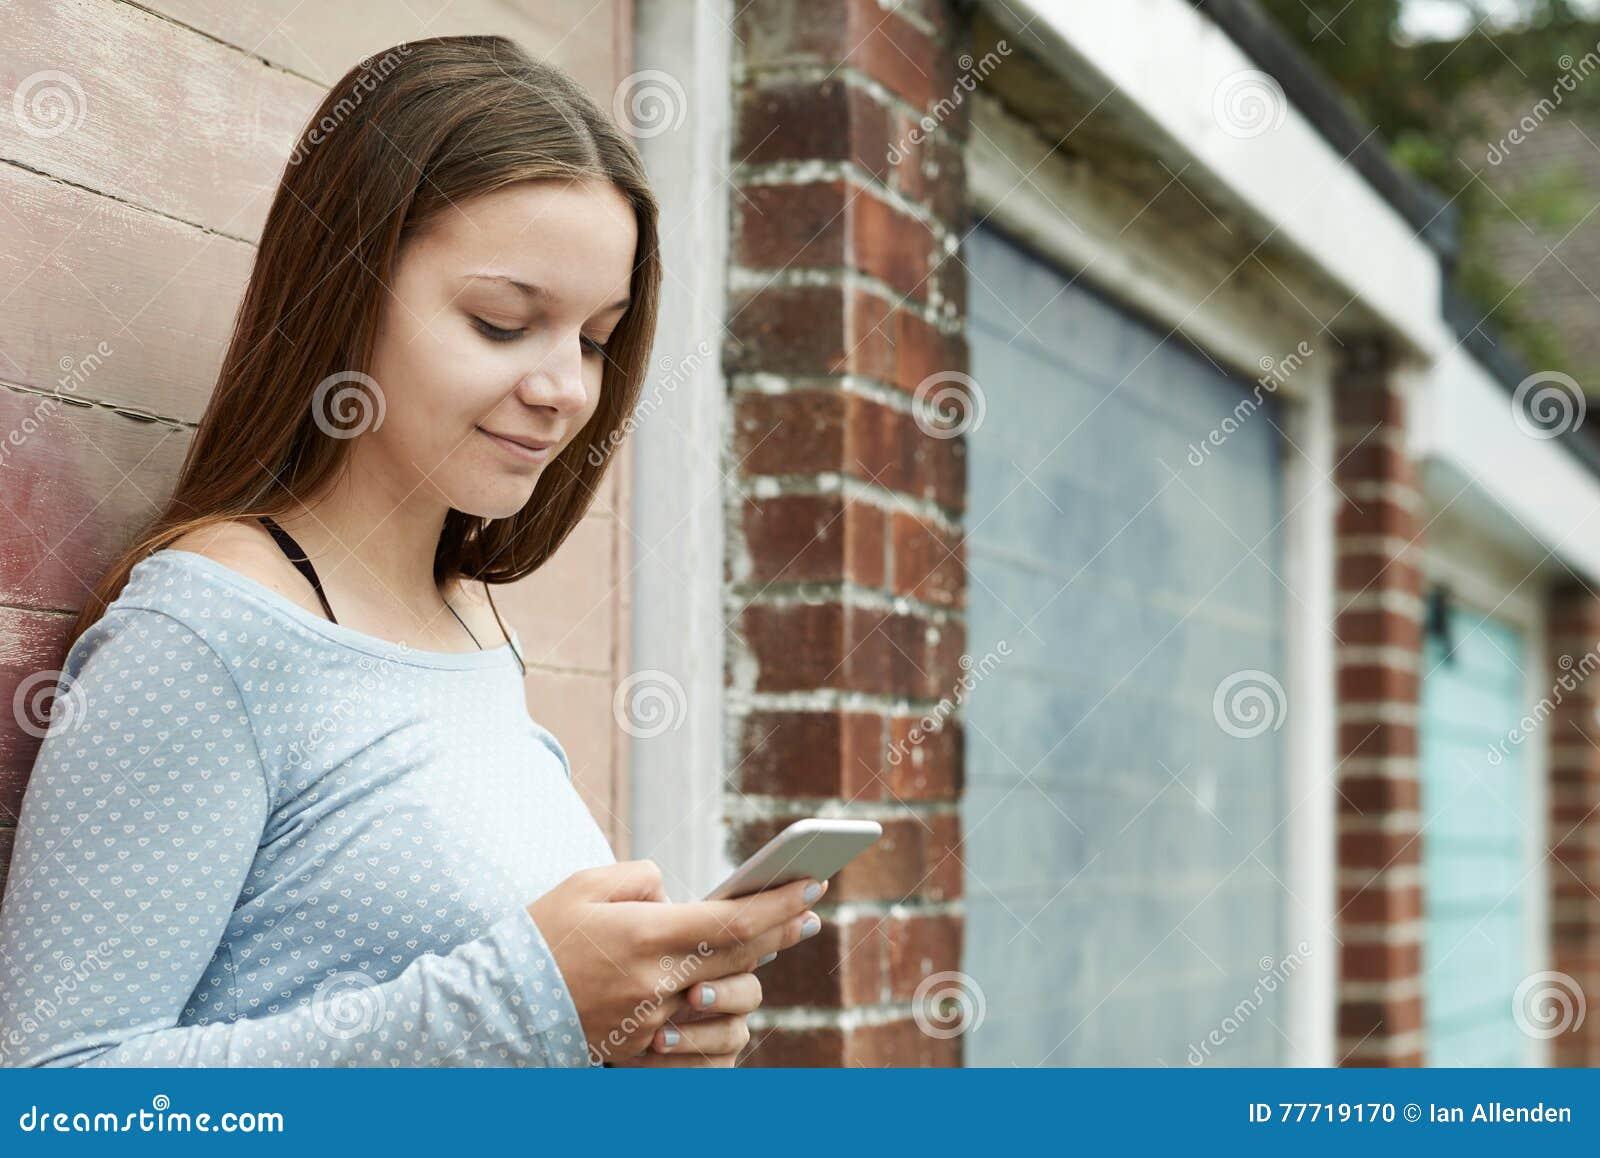 Девочка-подросток отправляя СМС на мобильном телефоне в городских условиях